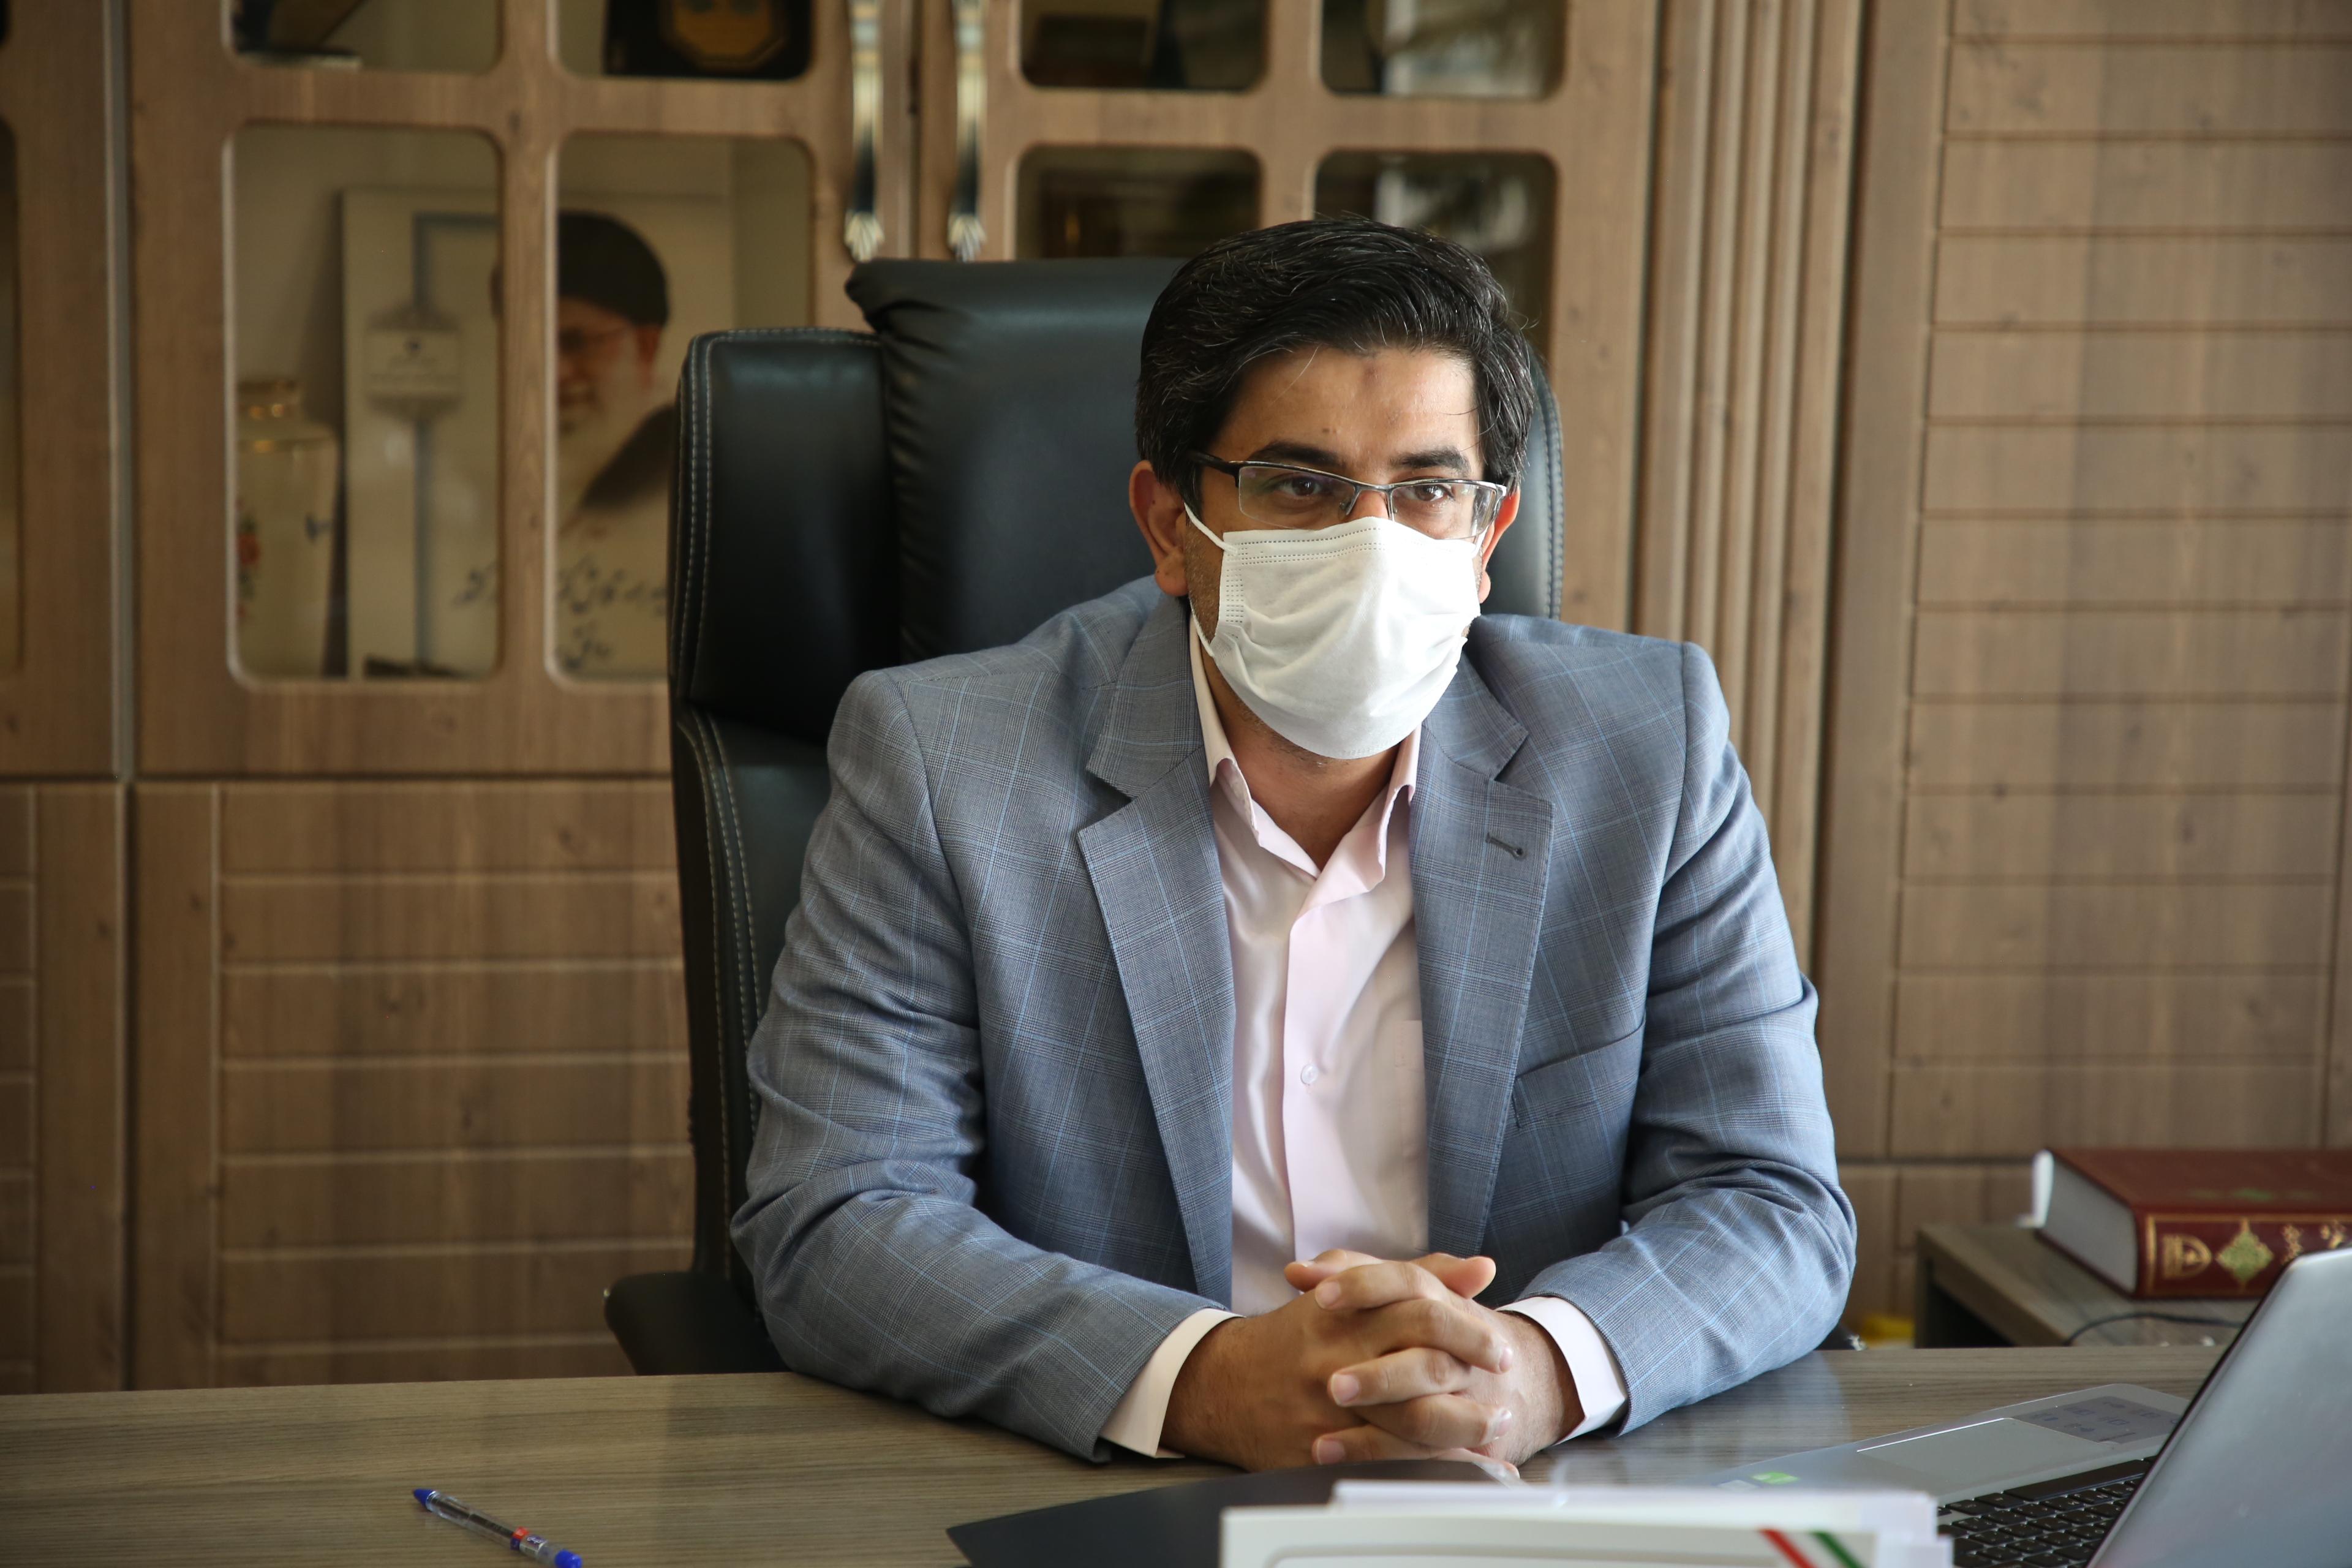 اجازه نوسازی صنایع و ارتقاء فناوری تا 2 برابر ظرفیت واحدهای تولیدی در شعاع 120 کیلومتری تهران